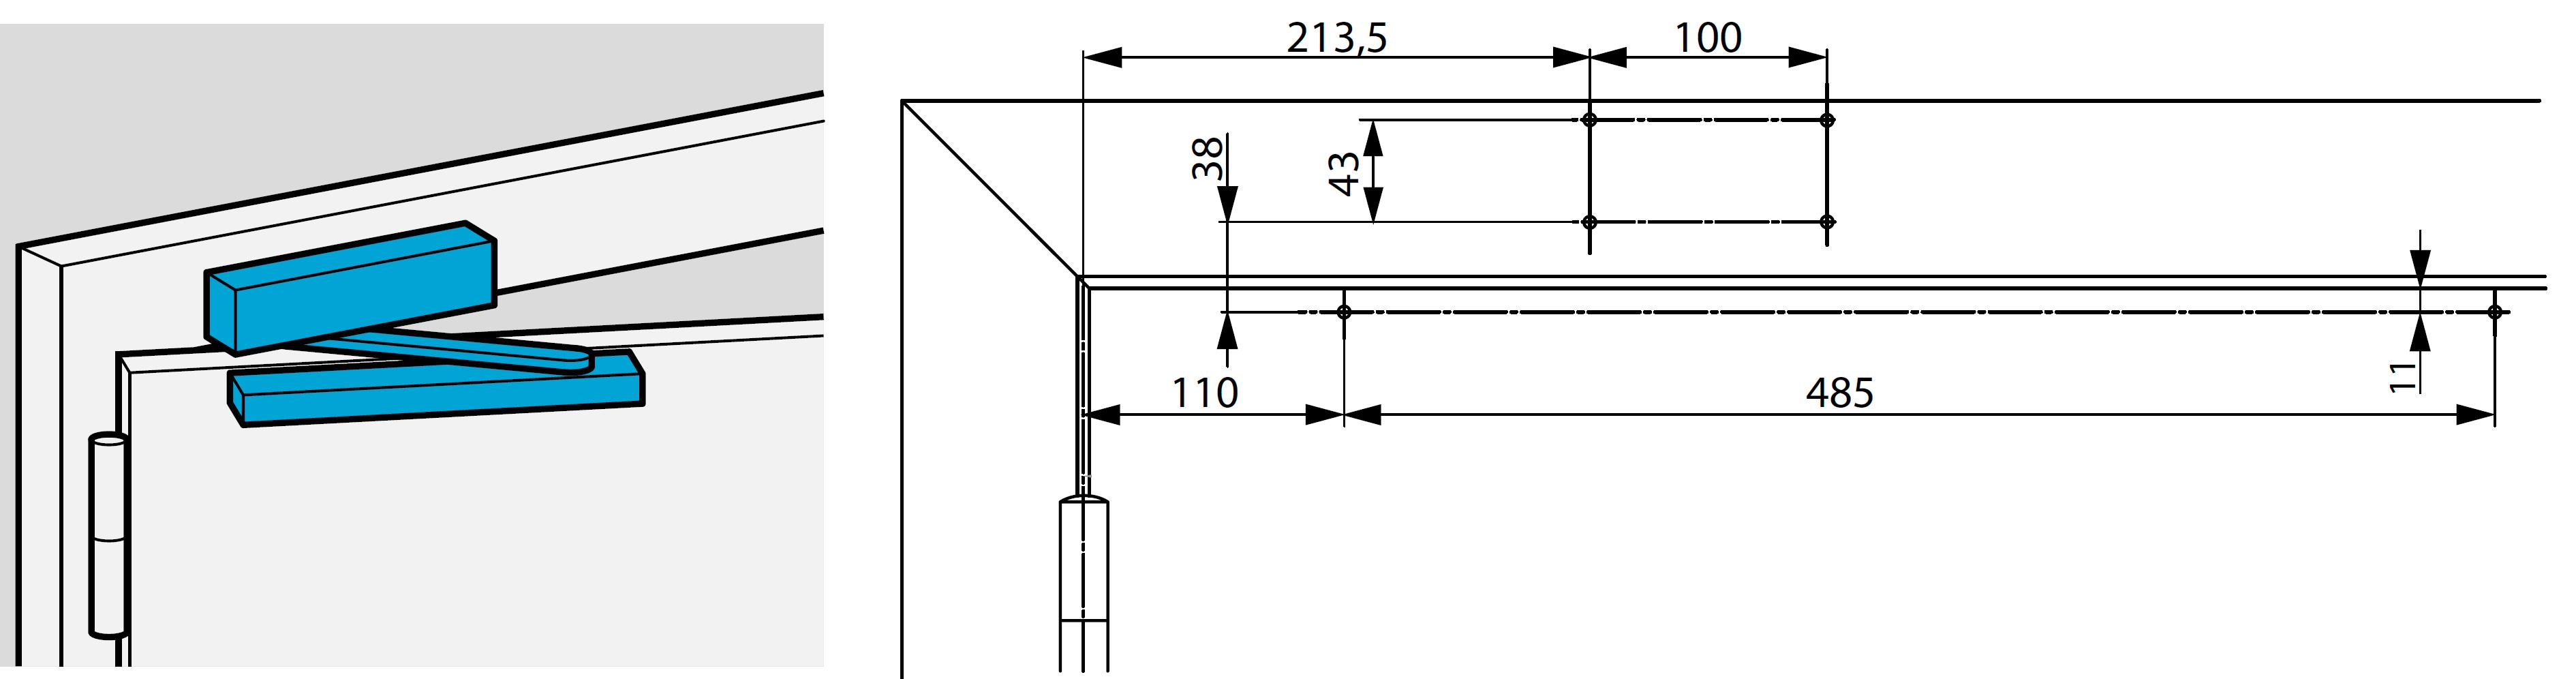 Монтажные размеры для стандартной установки доводчика DC700 на коробку со стороны петель Доводчик на коробке со стороны петель.